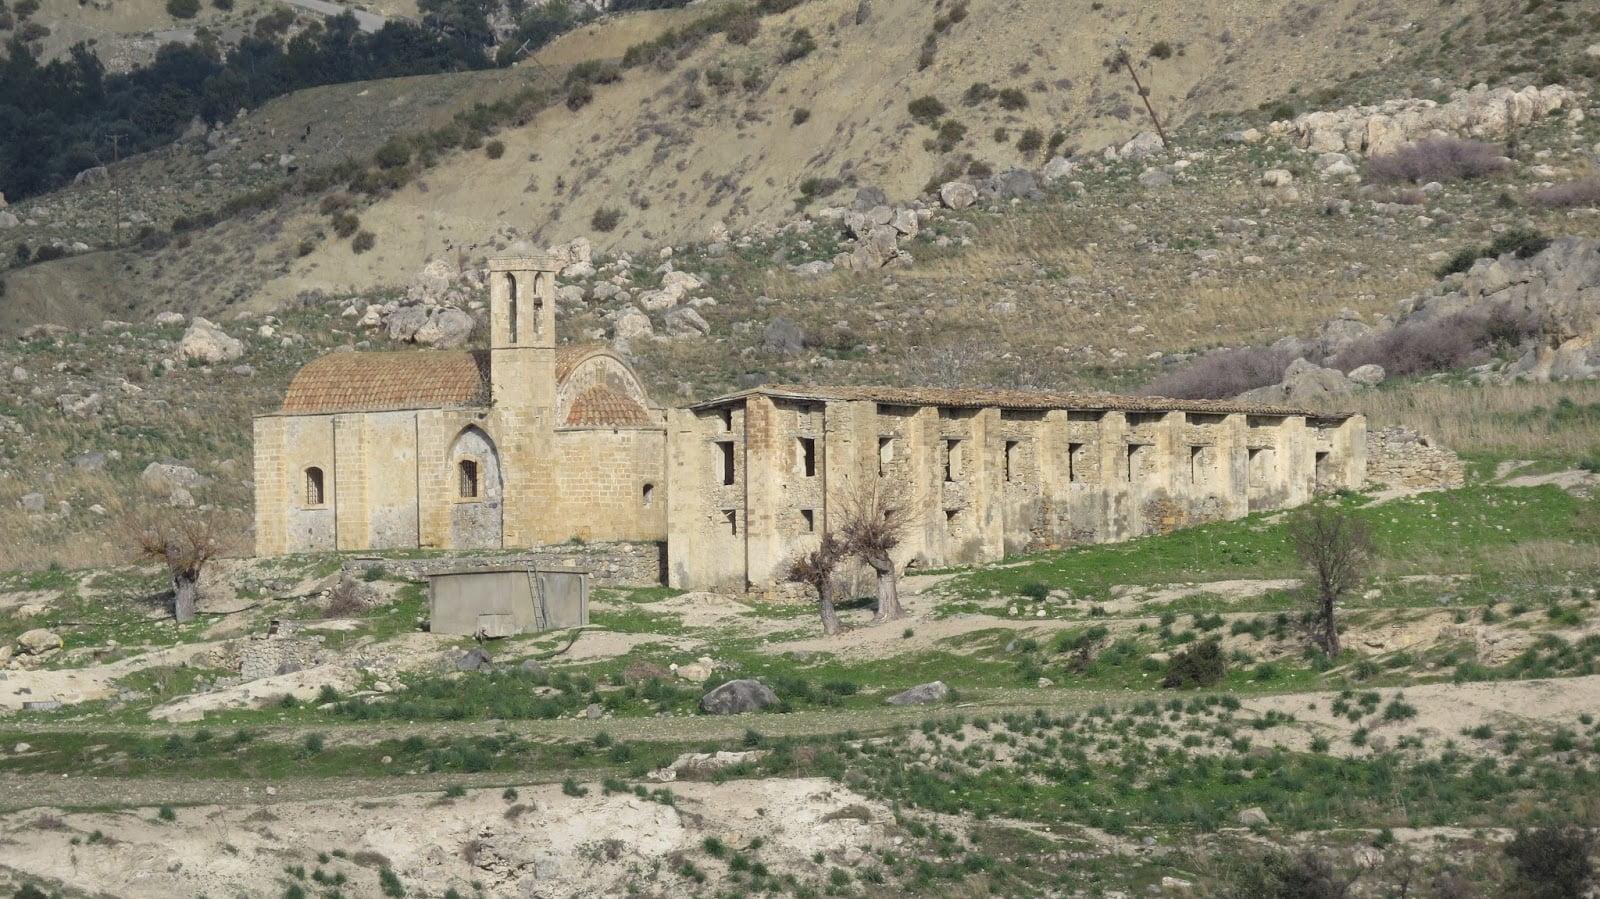 Η λεηλατημένη από τους Τούρκους Σταυροπηγιακή Ιερά Μονή της Παναγίας των Καθάρων-Λάρνακα της Λαπήθου